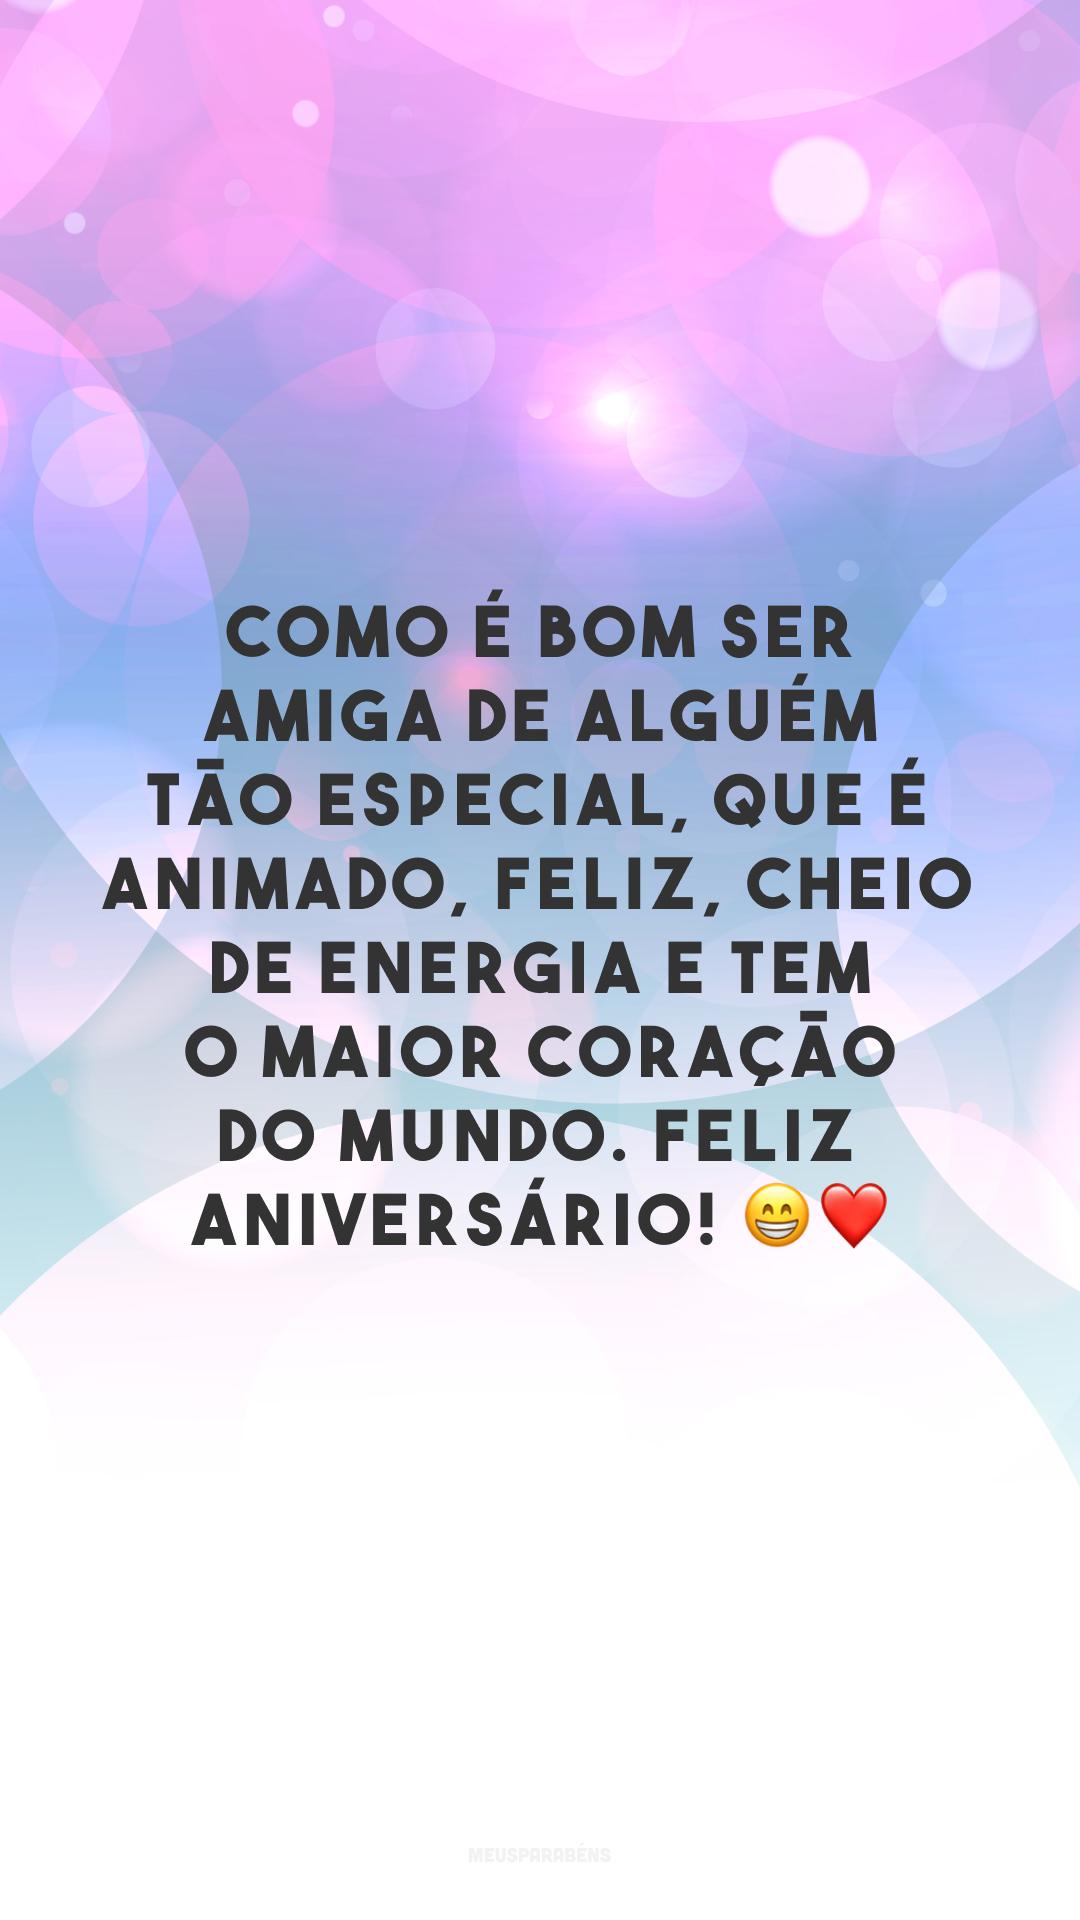 Como é bom ser amiga de alguém tão especial, que é animado, feliz, cheio de energia e tem o maior coração do mundo. Feliz aniversário! 😁❤